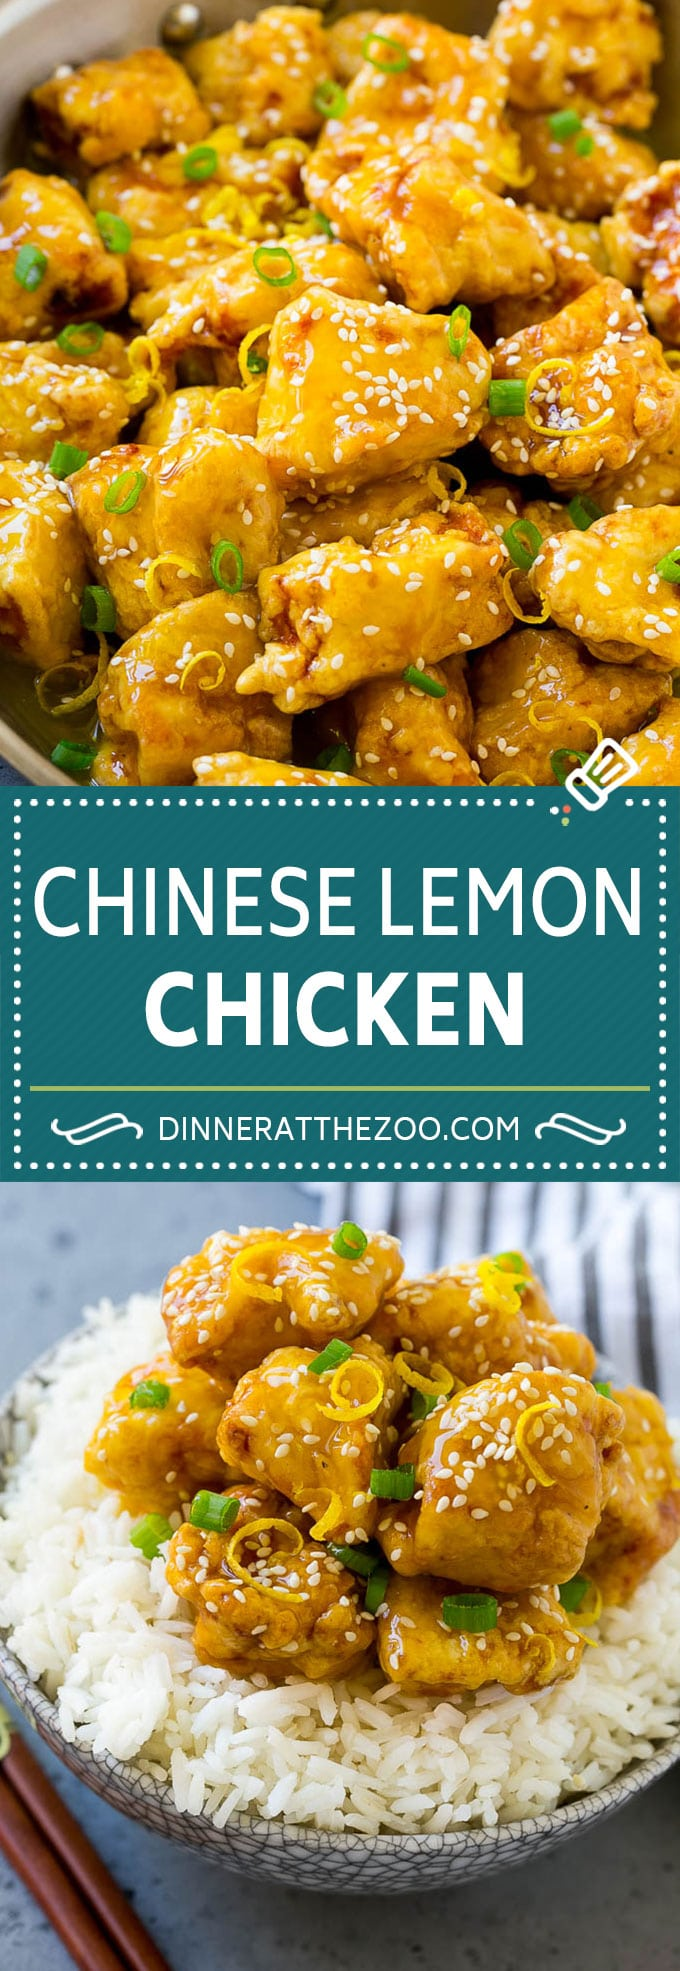 Chinese Lemon Chicken Recipe | Crispy Lemon Chicken | Chinese Food Recipe #lemon #chicken #chinesefood #dinner #dinneratthezoo